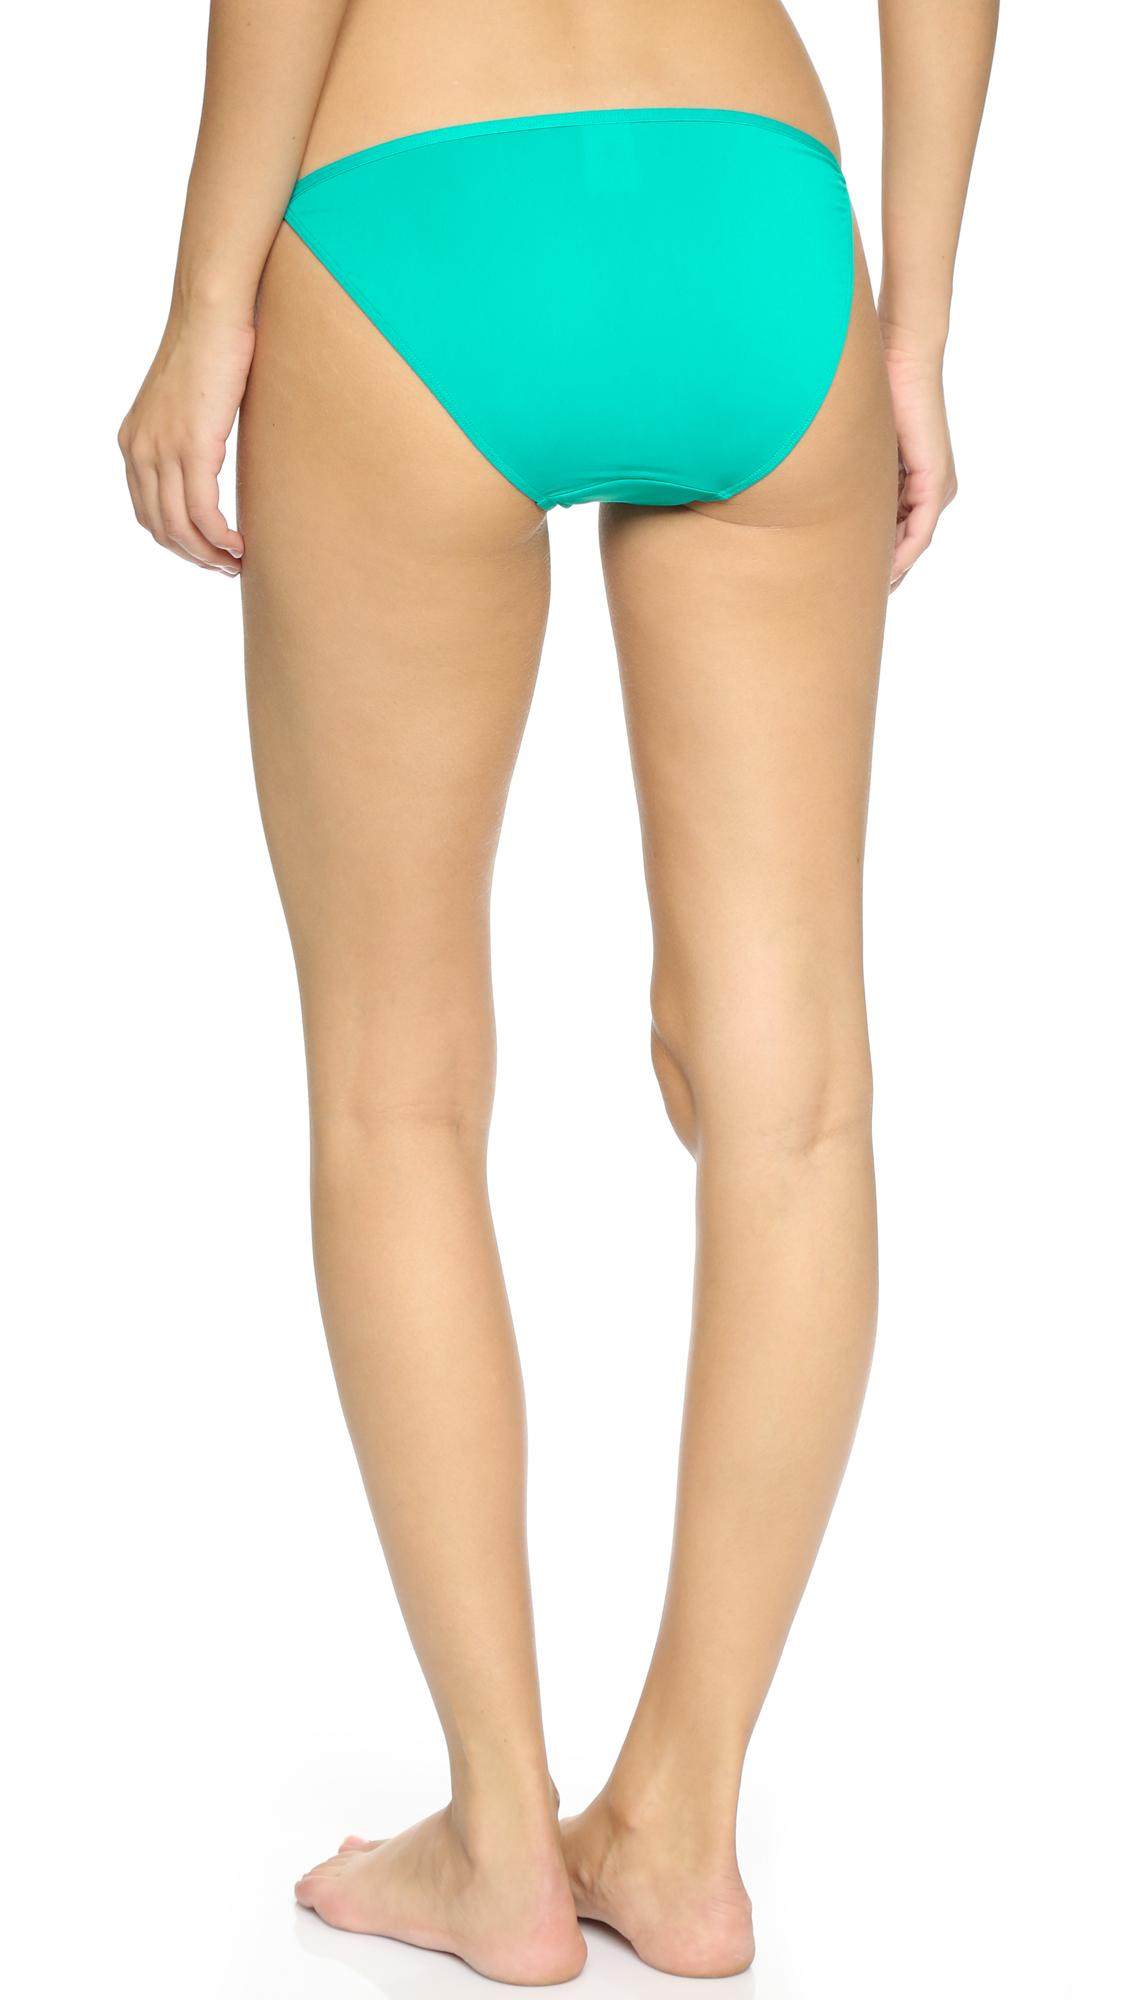 Japanese girls cotton string bikini underwear